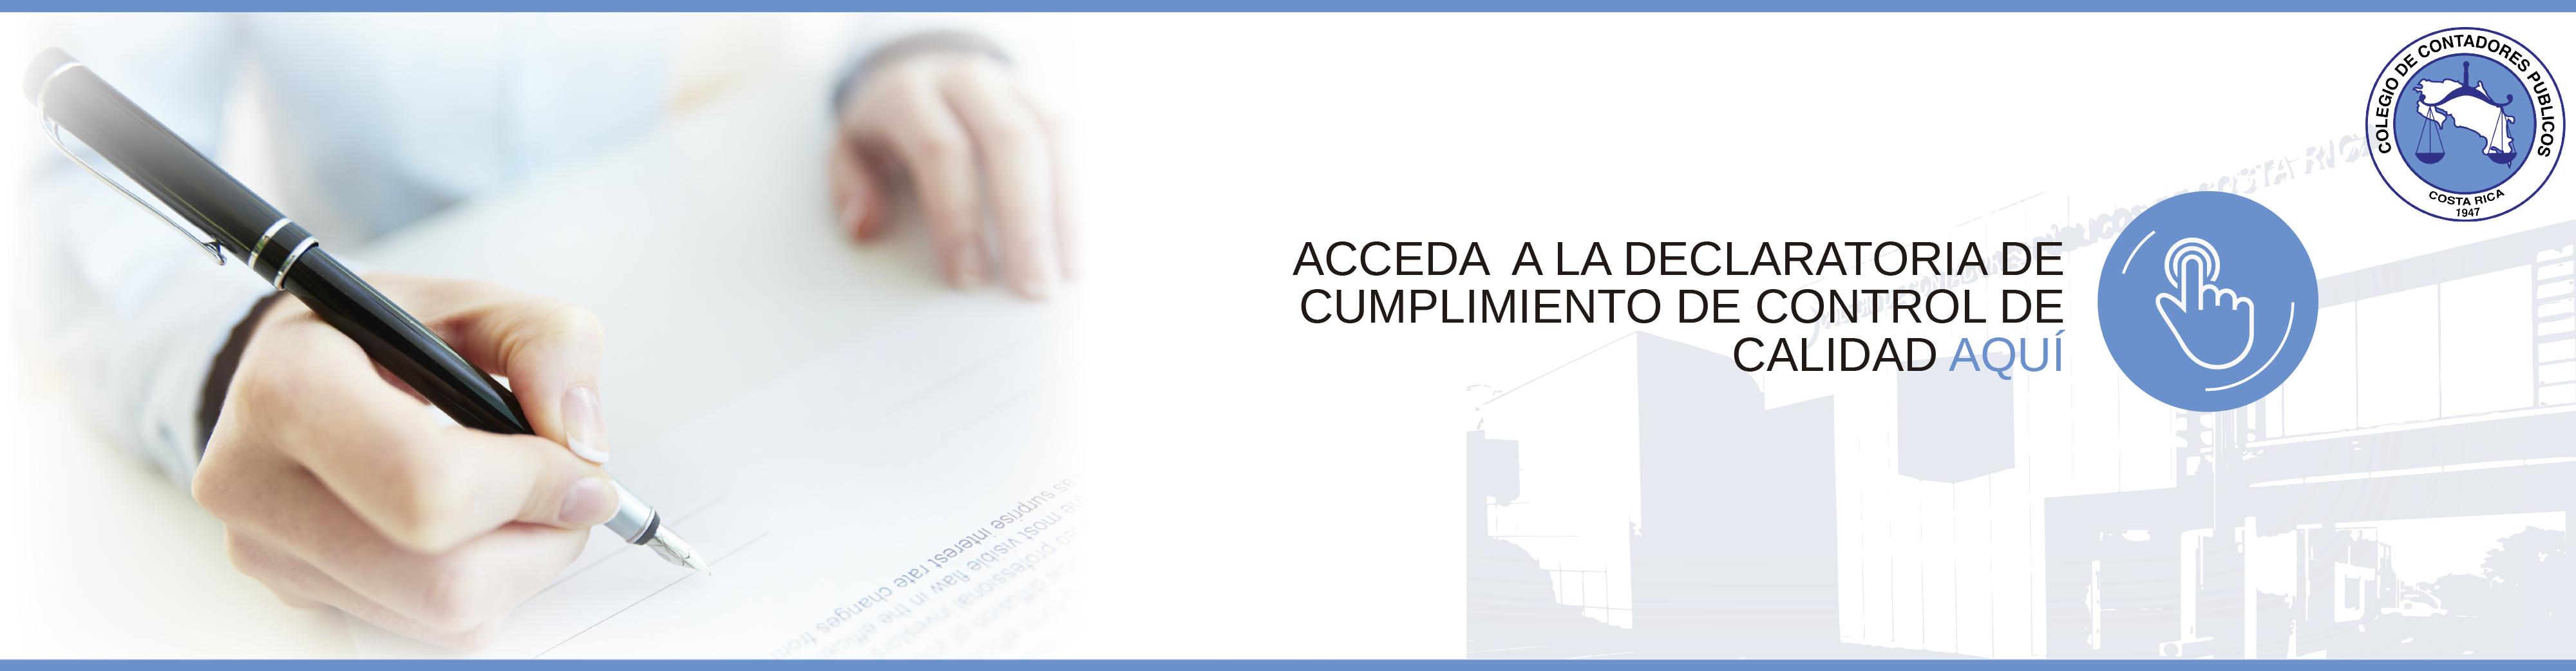 banner_web_mes_declaracion_despachos-01